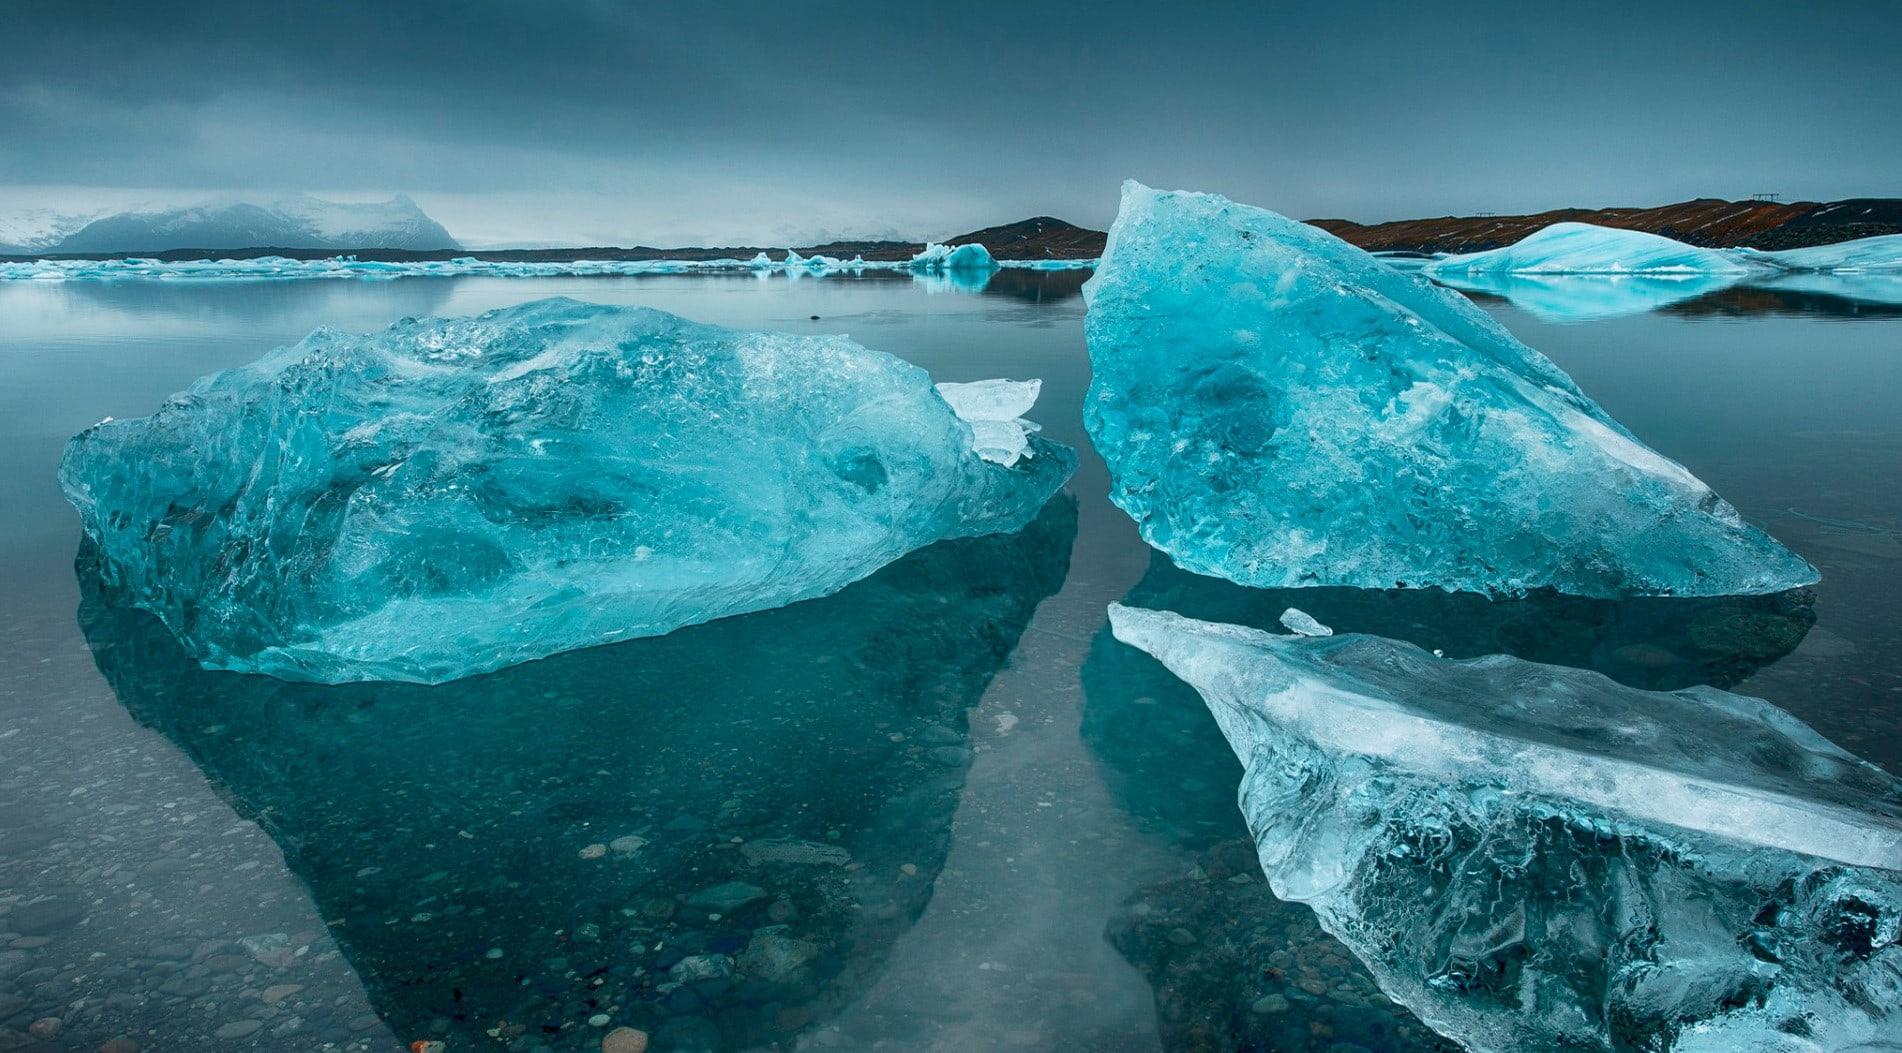 Глыбы льда на воде